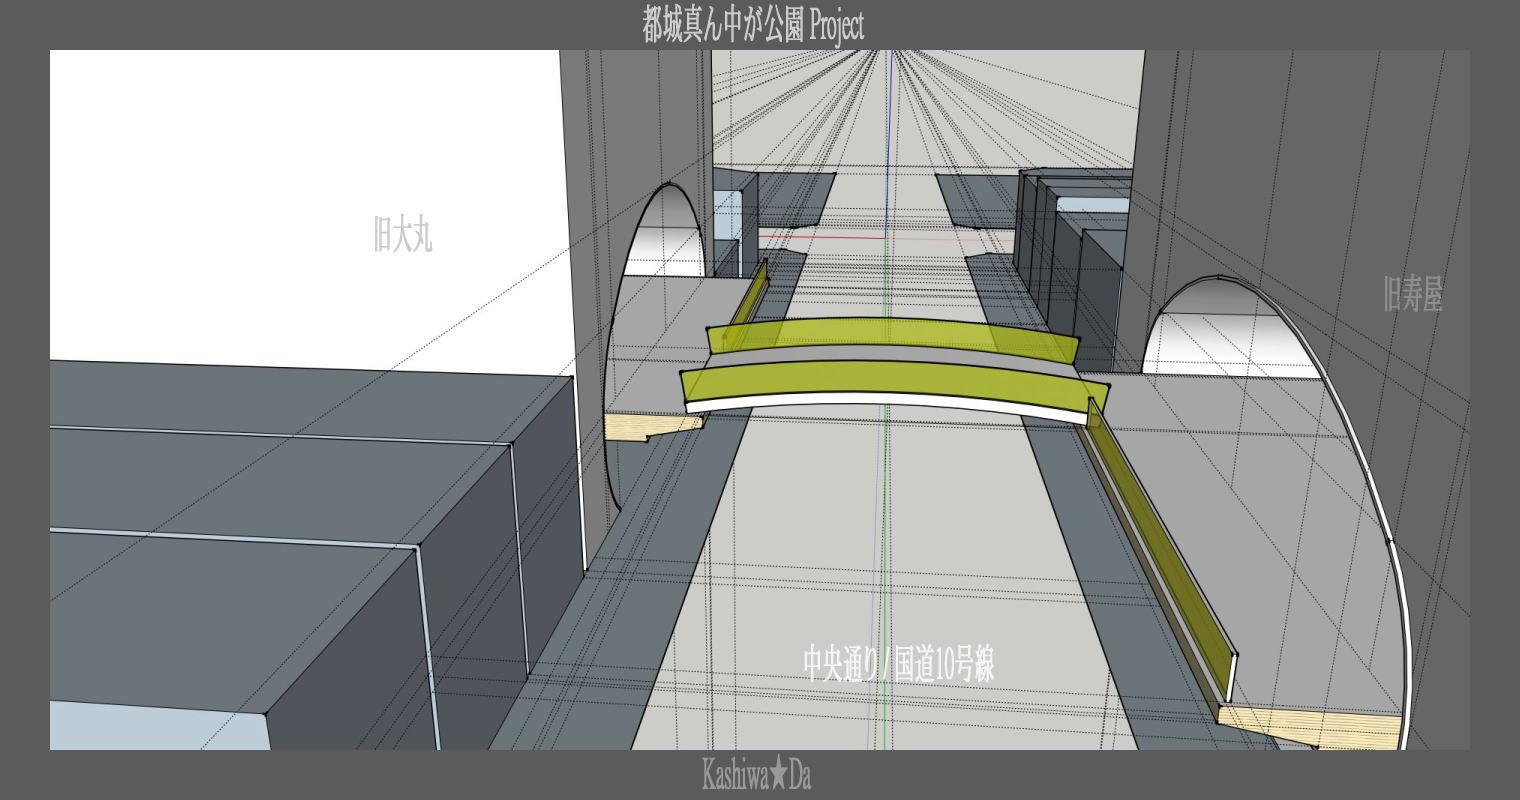 4-4[仮想プラン] 旧大丸・寿屋に「食のホール」を埋込む